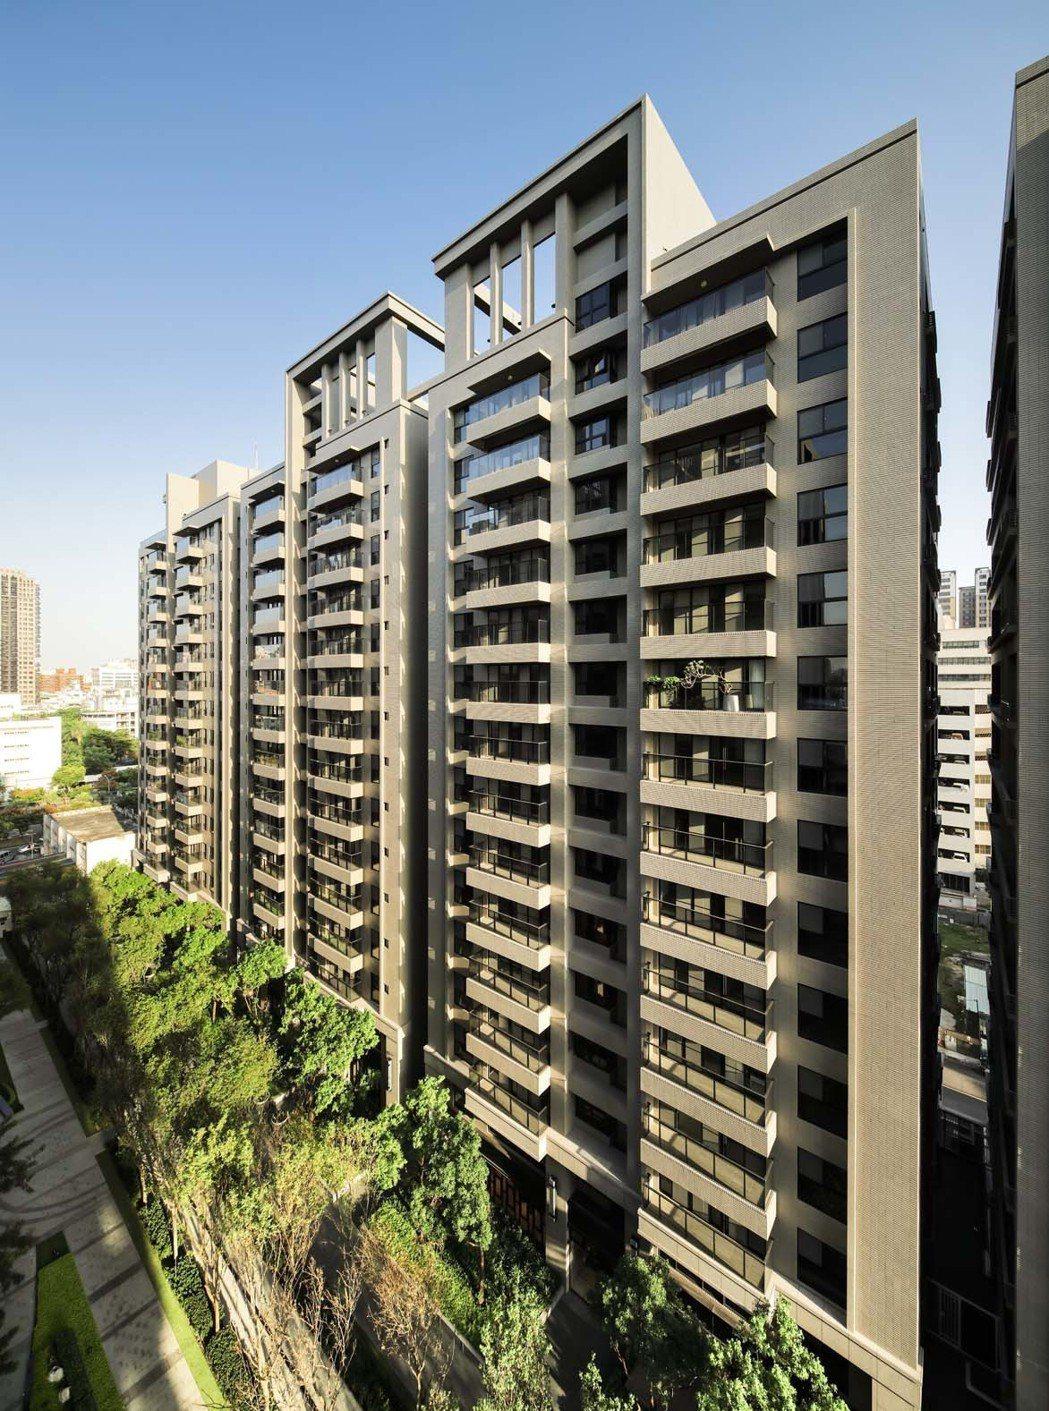 「新都廳2」面中庭格局,中低樓層可享窗景綠意。